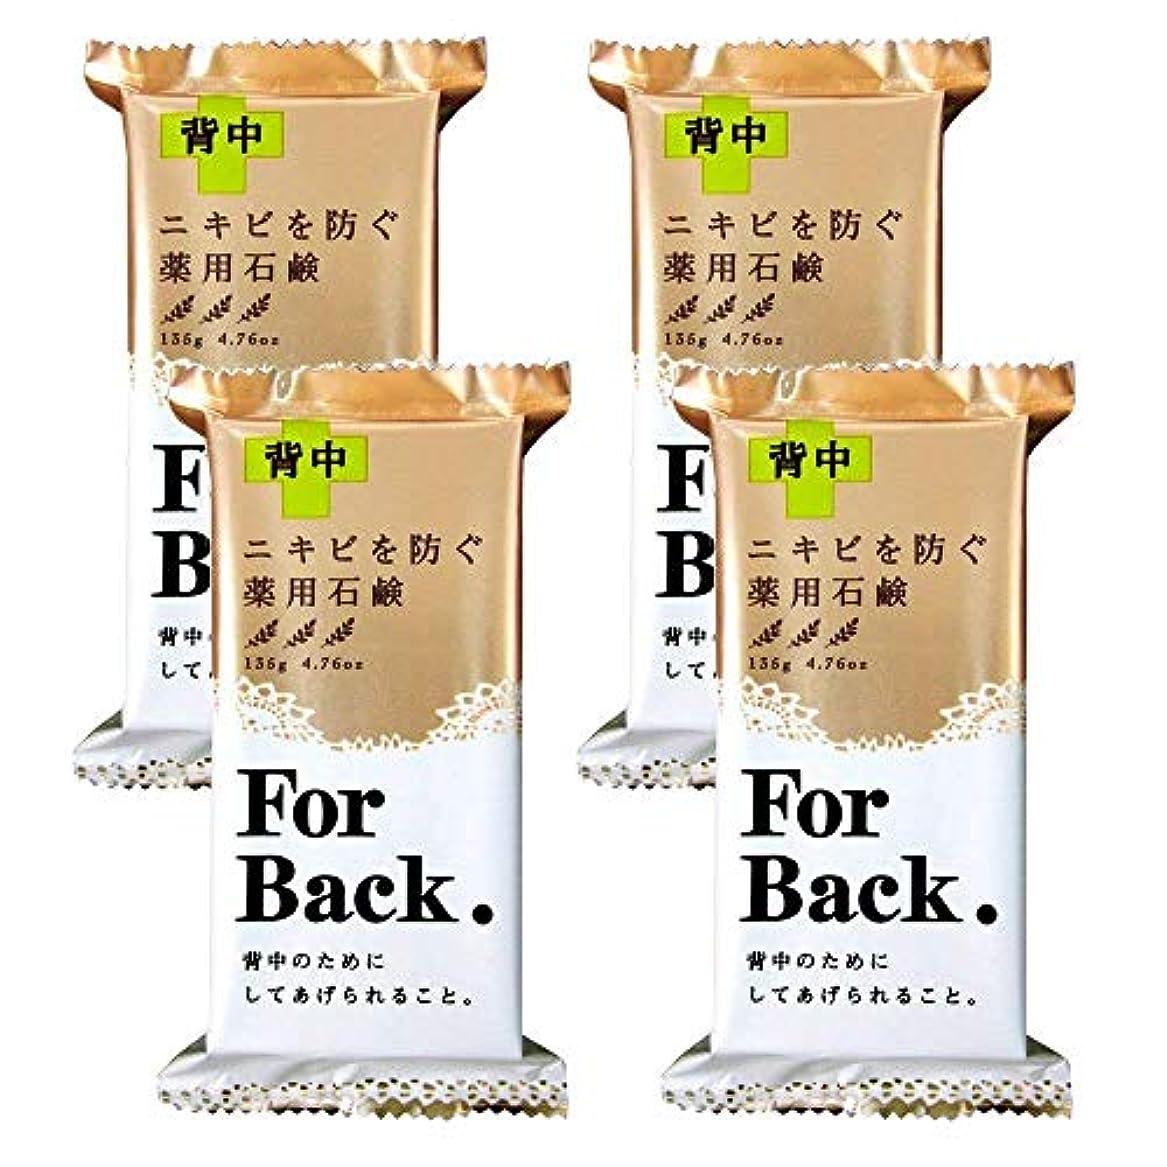 震え類人猿収益薬用石鹸 ForBack 135g×4個セット